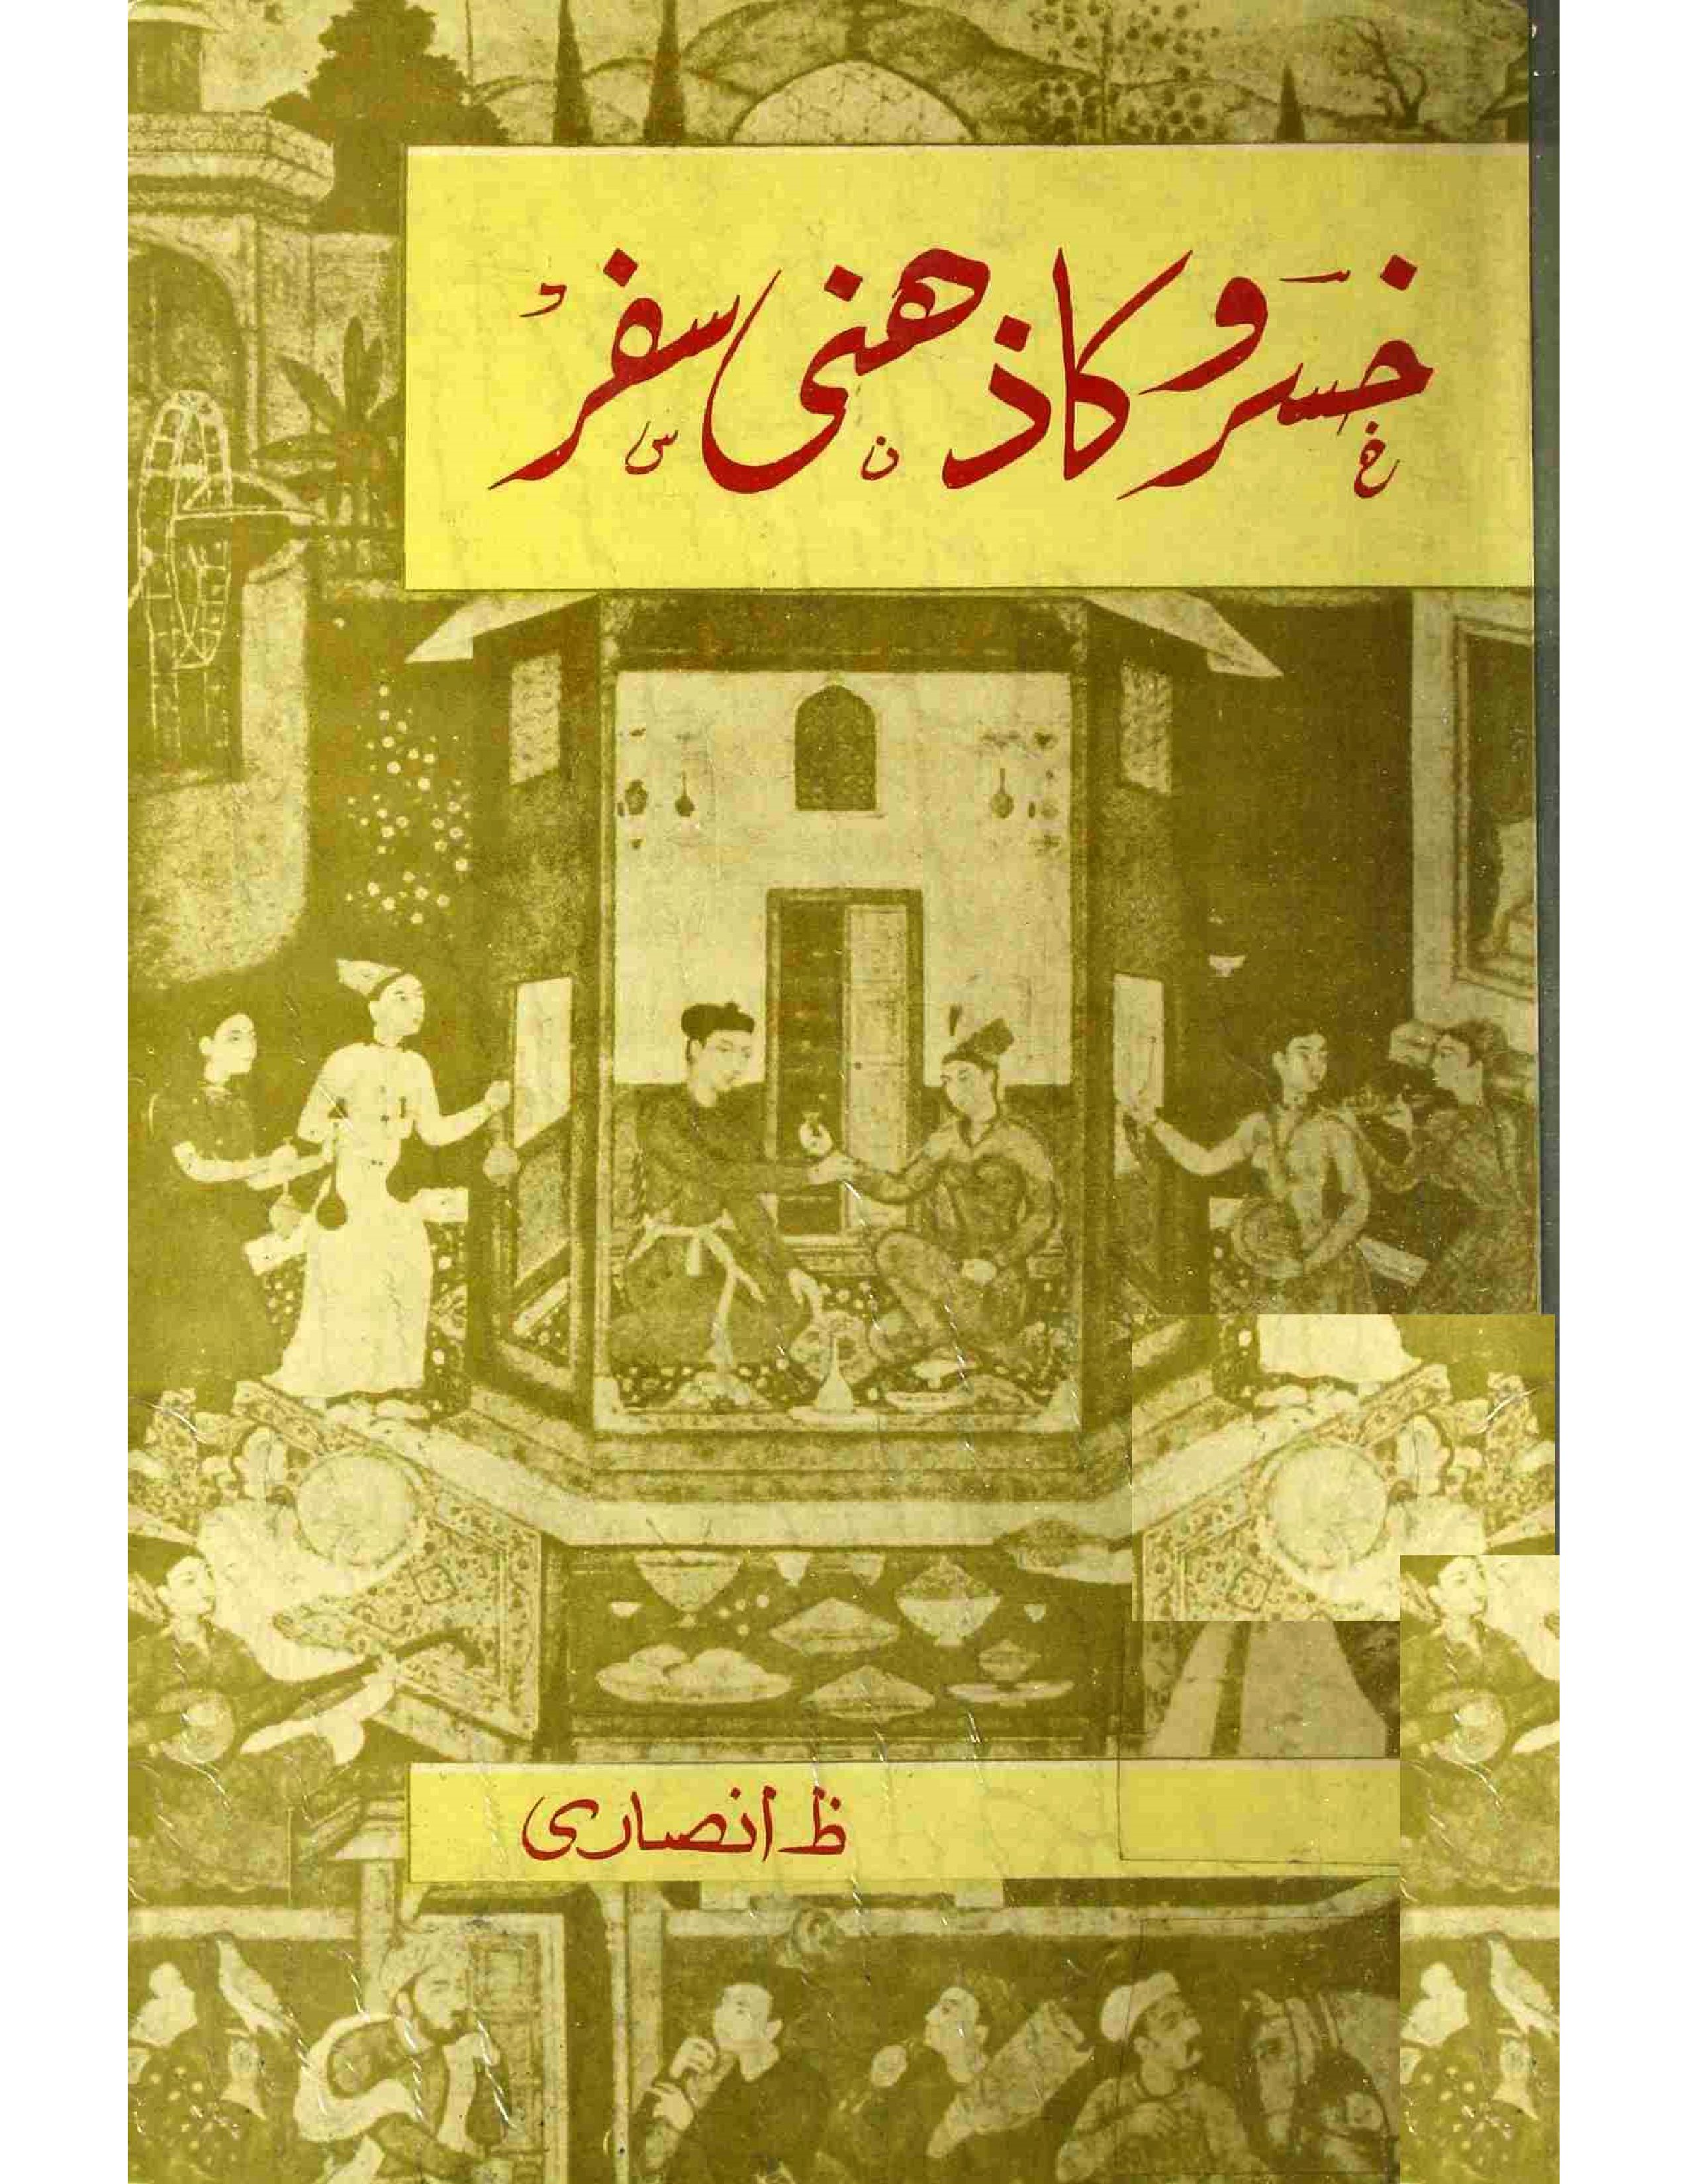 Khusro Ka Zehni Safar